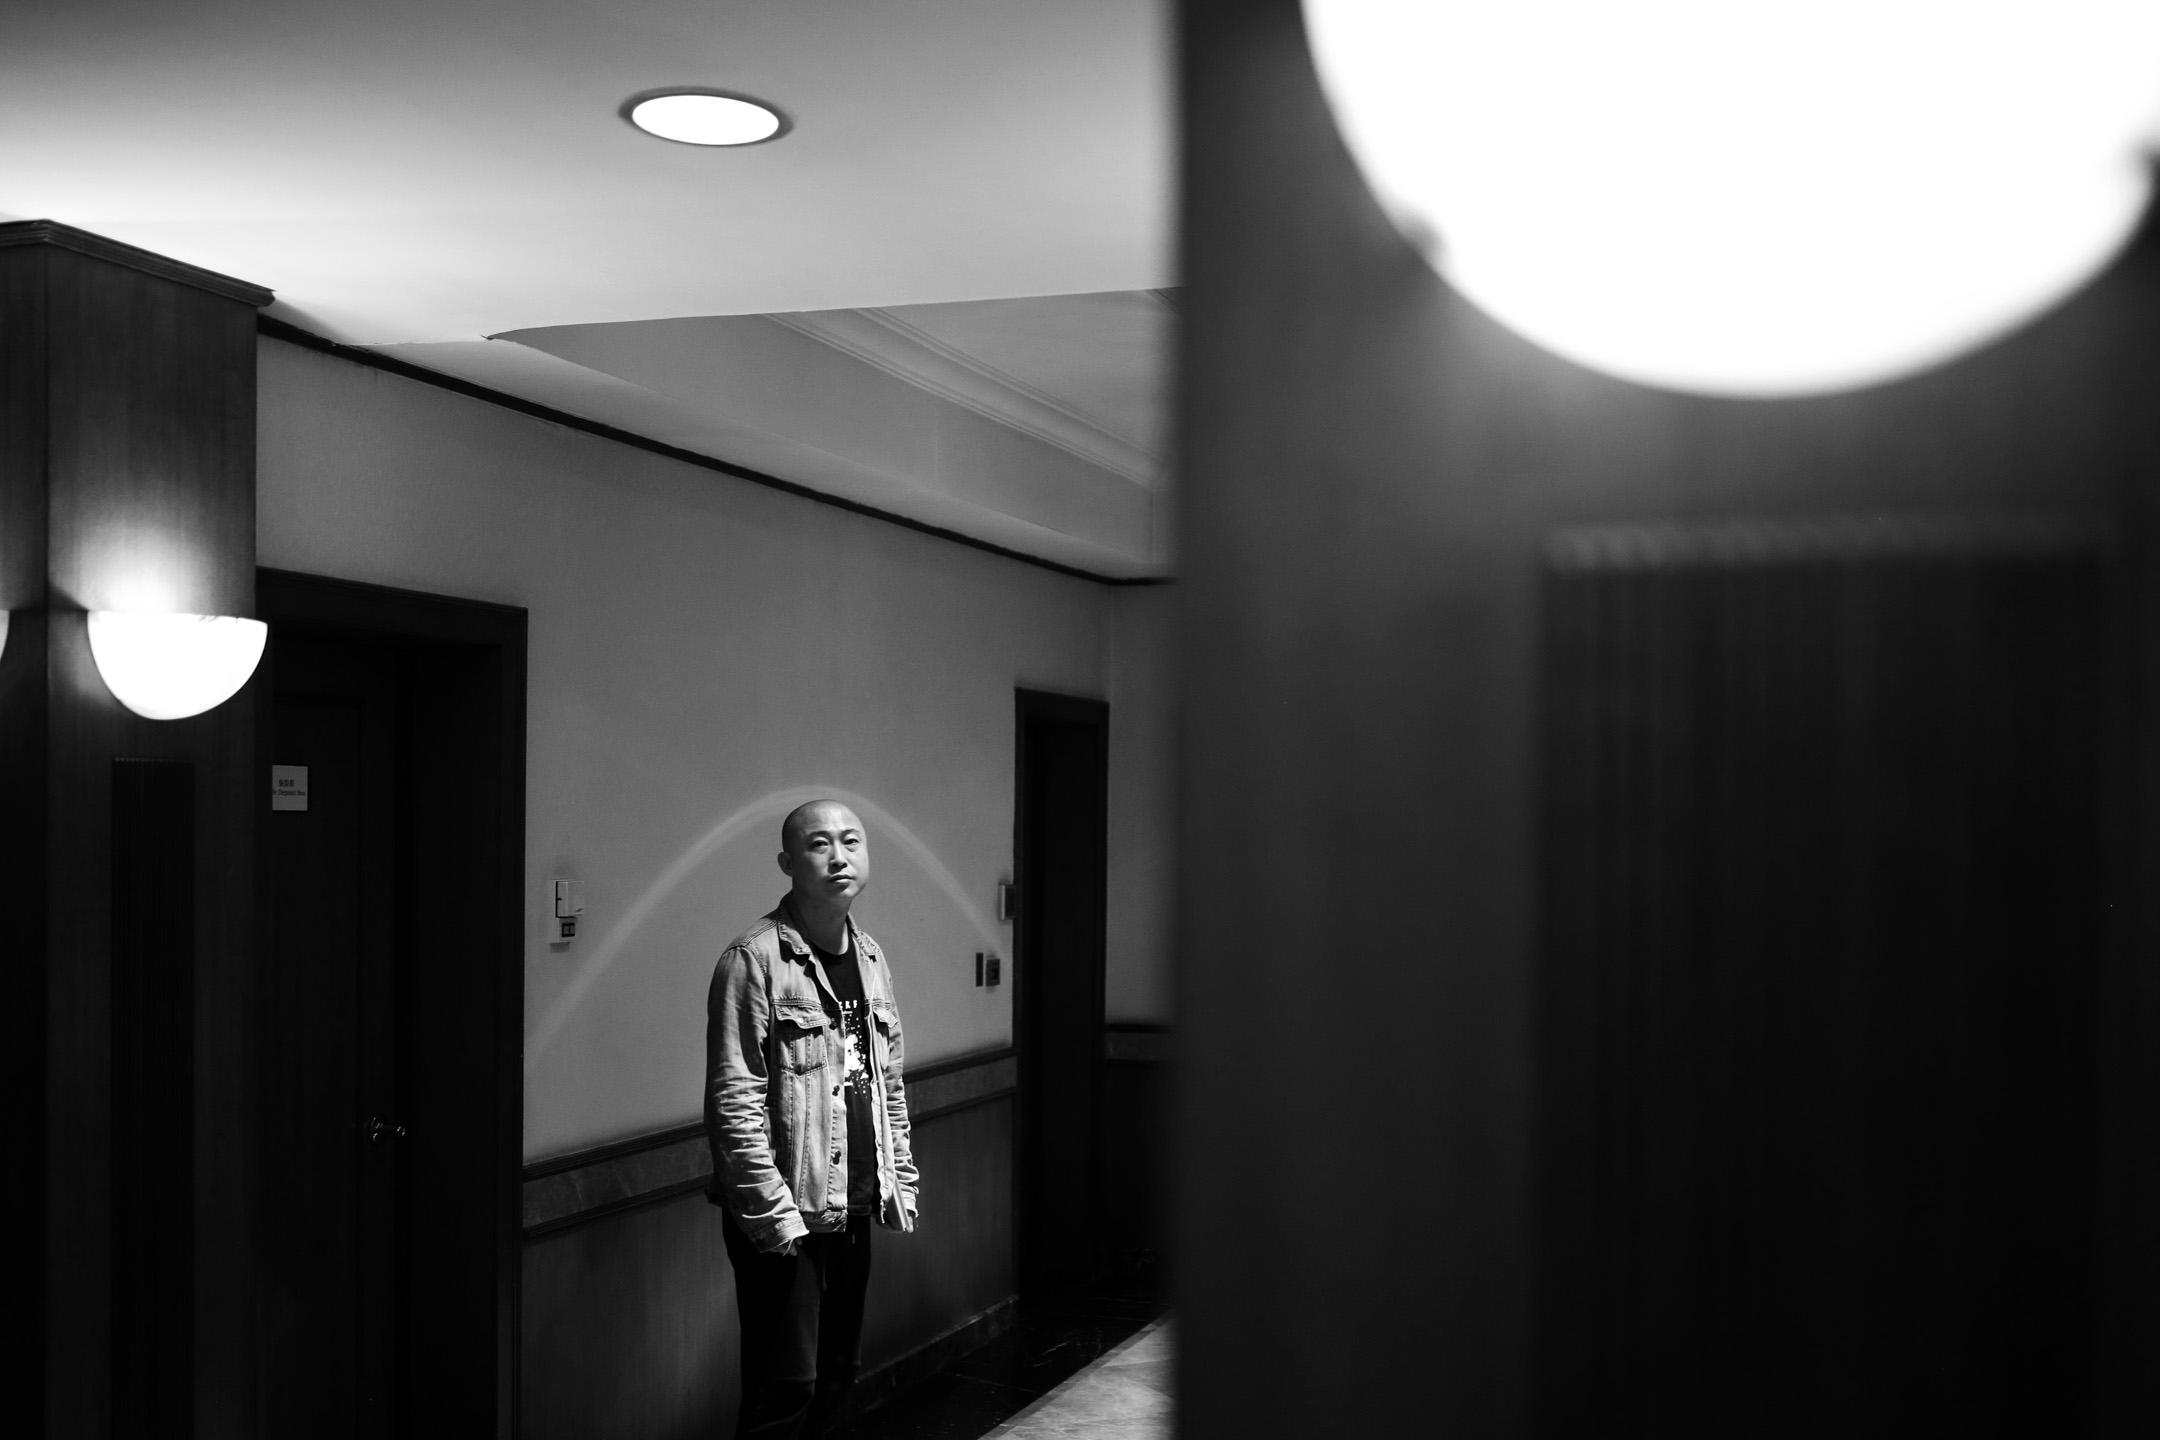 2017年,耿軍成為唯一入圍聖丹斯電影節劇情長片的中國導演,電影《輕鬆+愉快》也入圍了第54屆台灣電影金馬獎最佳劇情片獎、最佳導演獎。更早一點的2014年,他的作品《鐮刀錘子都休息》曾獲得金馬獎最佳創作短片。